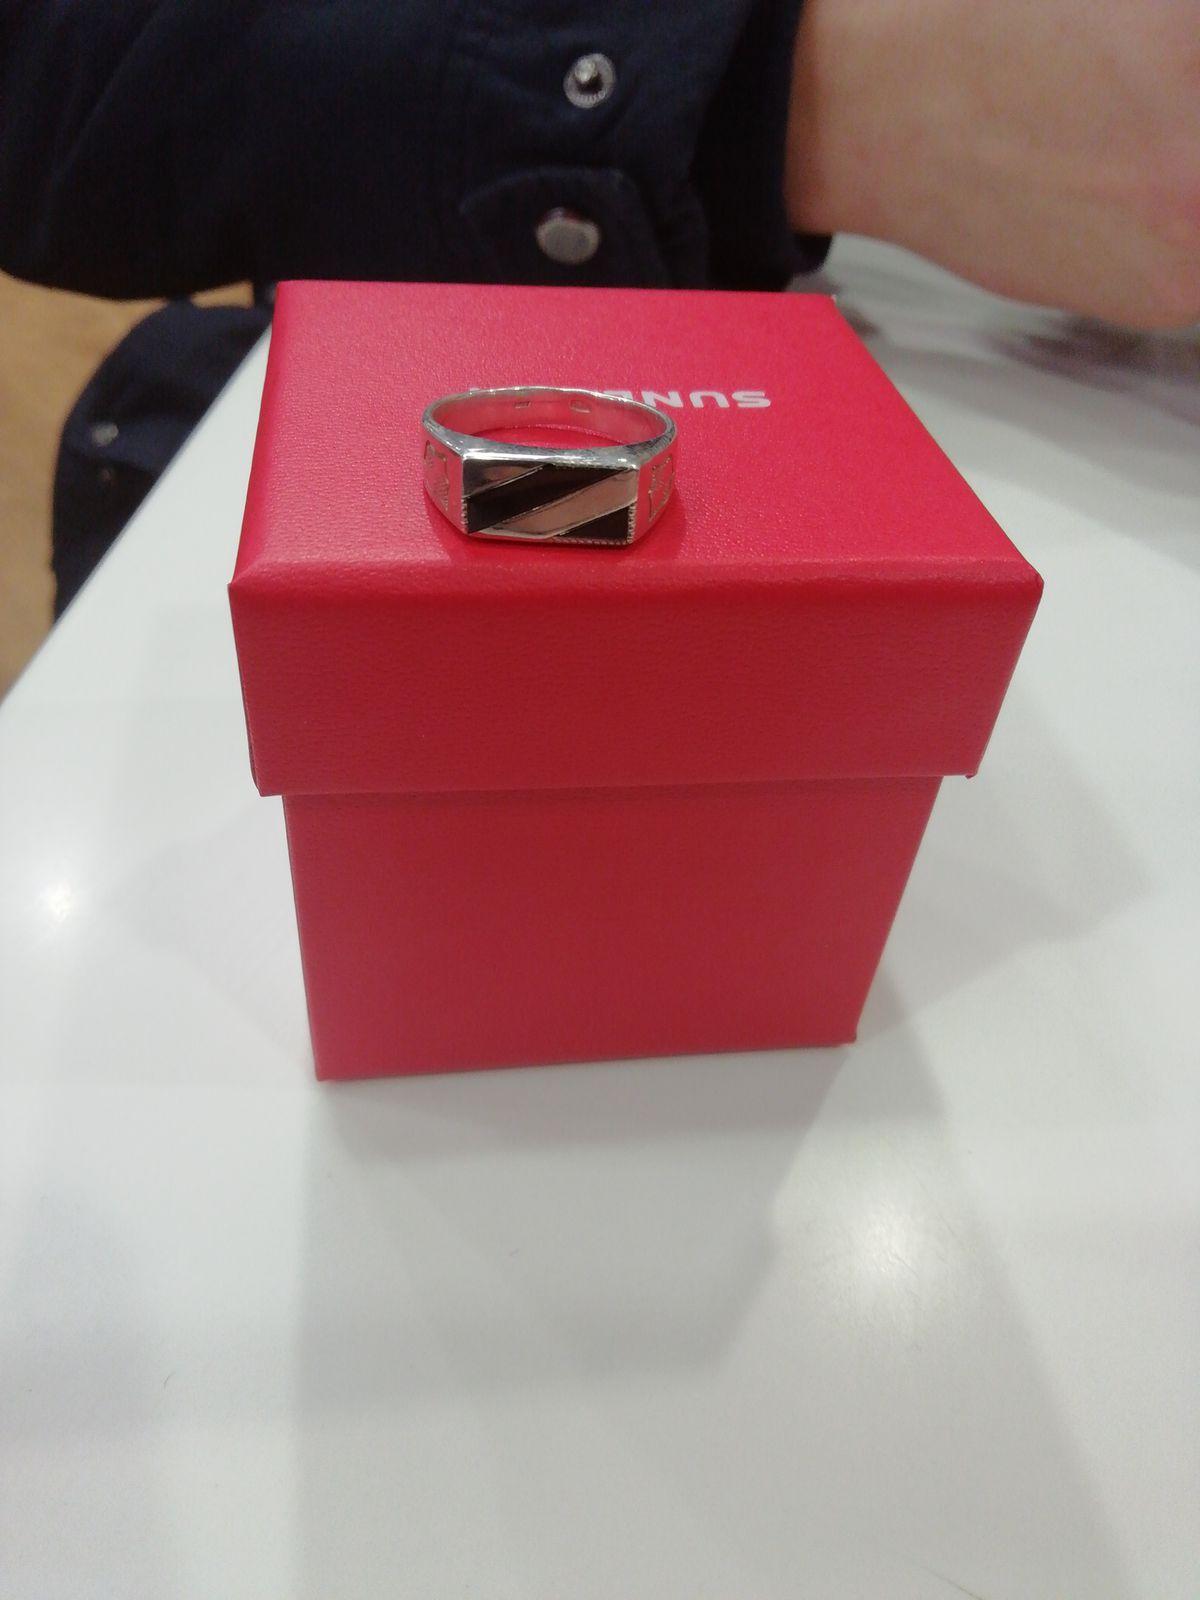 Серебрянное кольцо с фианитами, размер 18,5; проба ag925 и коробка красная.